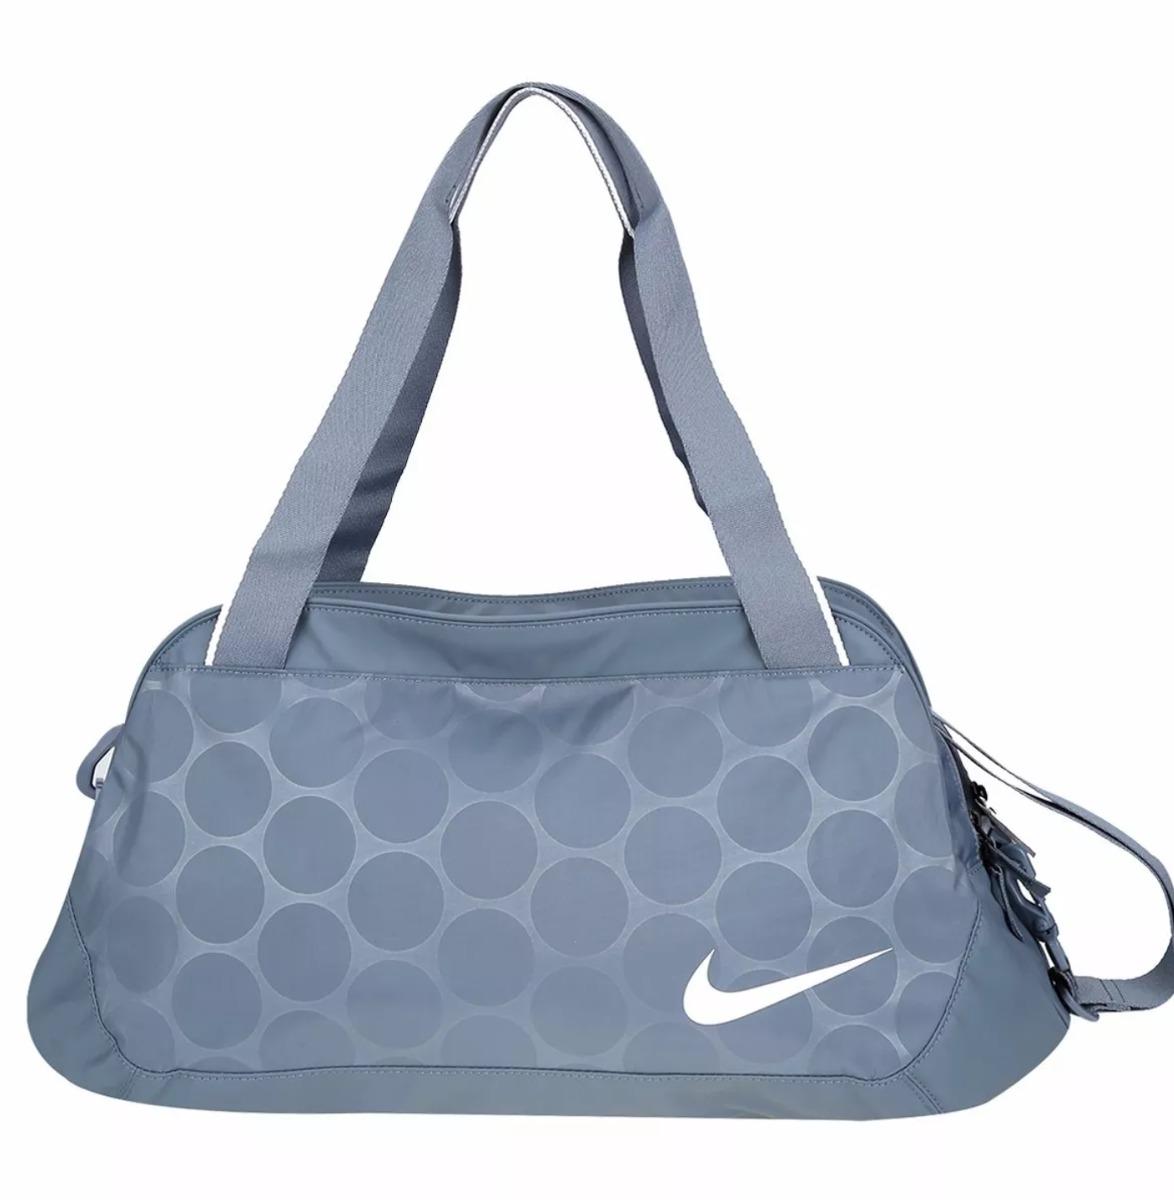 390 Nike Últimas 1 Original Bolso Mercado Mujer Libre En 00 d4CXwpq